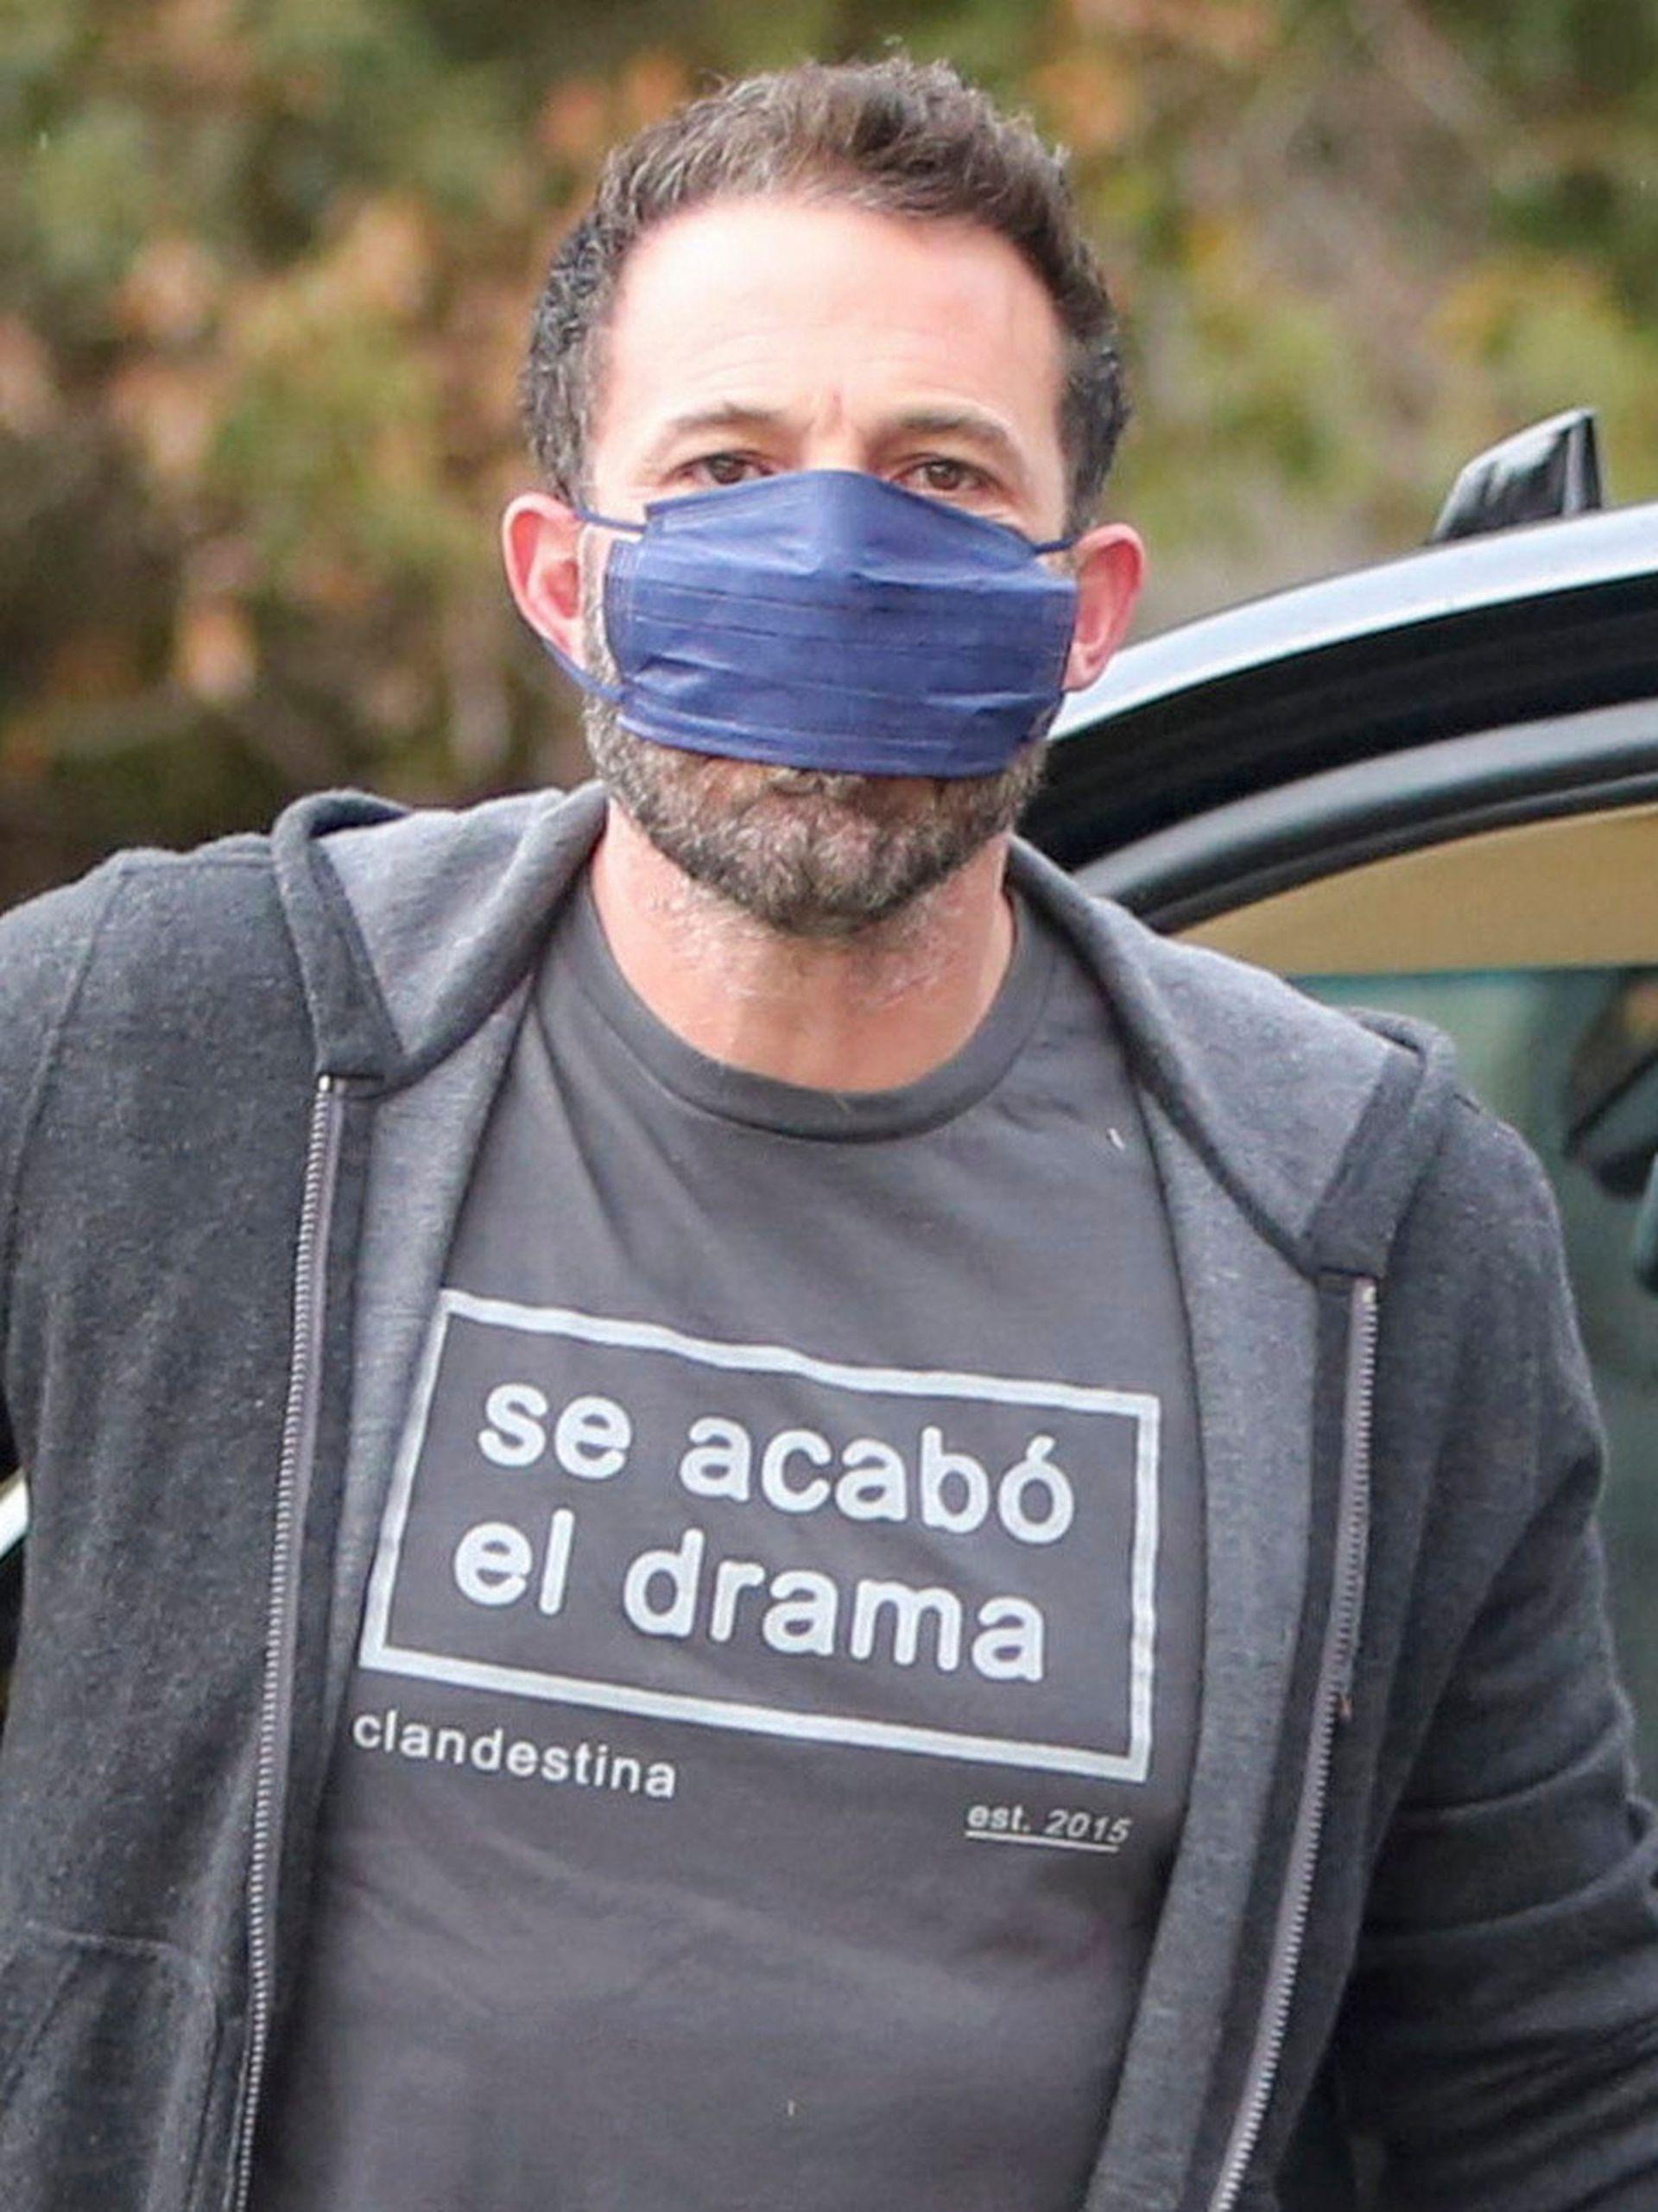 Ben Affleck pide que se termine el drama ante los flashes; el actor está tomando clases de castellano desde que volvió con su ex, Jennifer Lopez